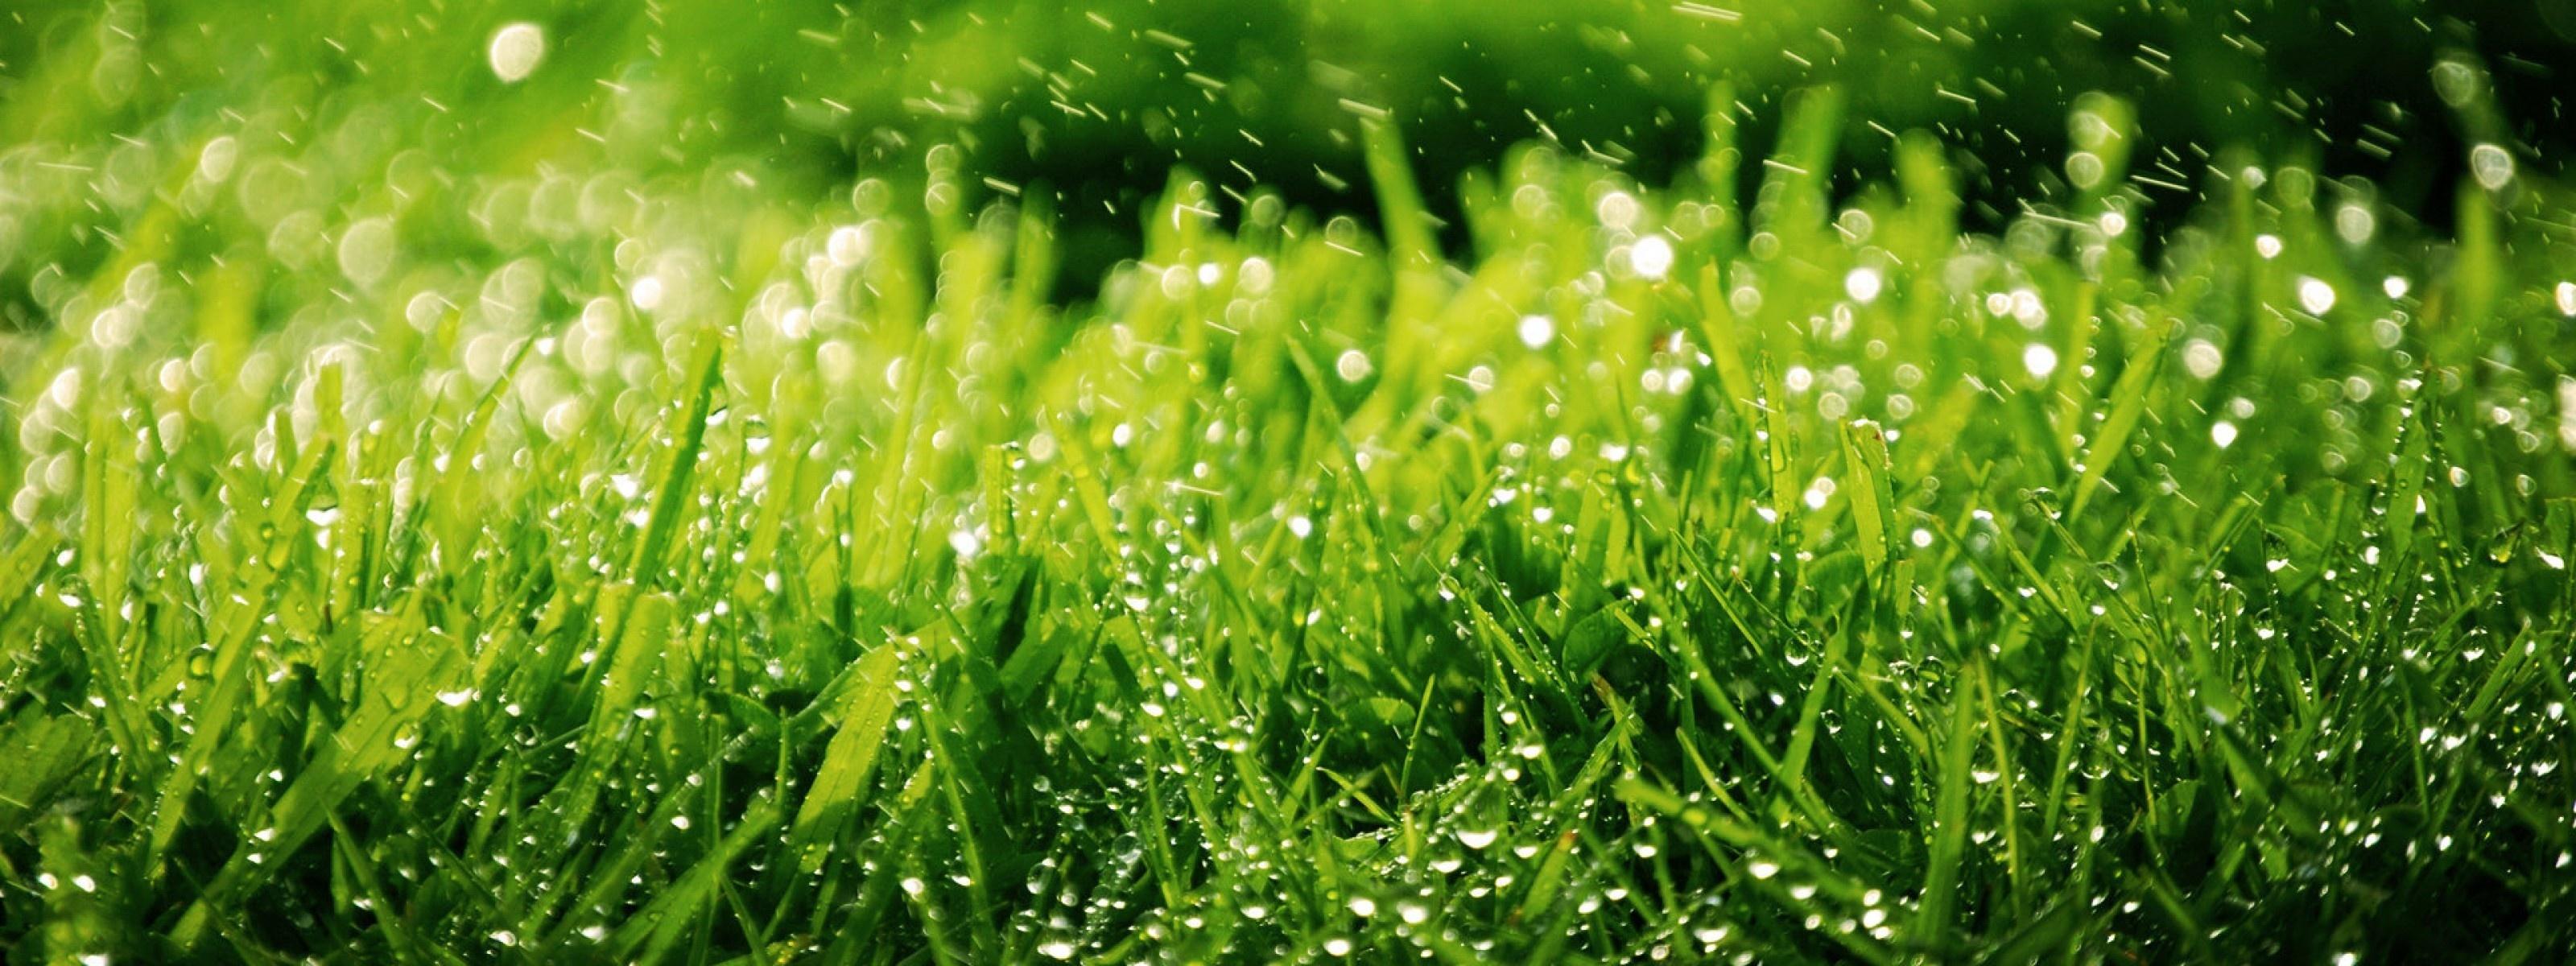 Фон зелень деревья